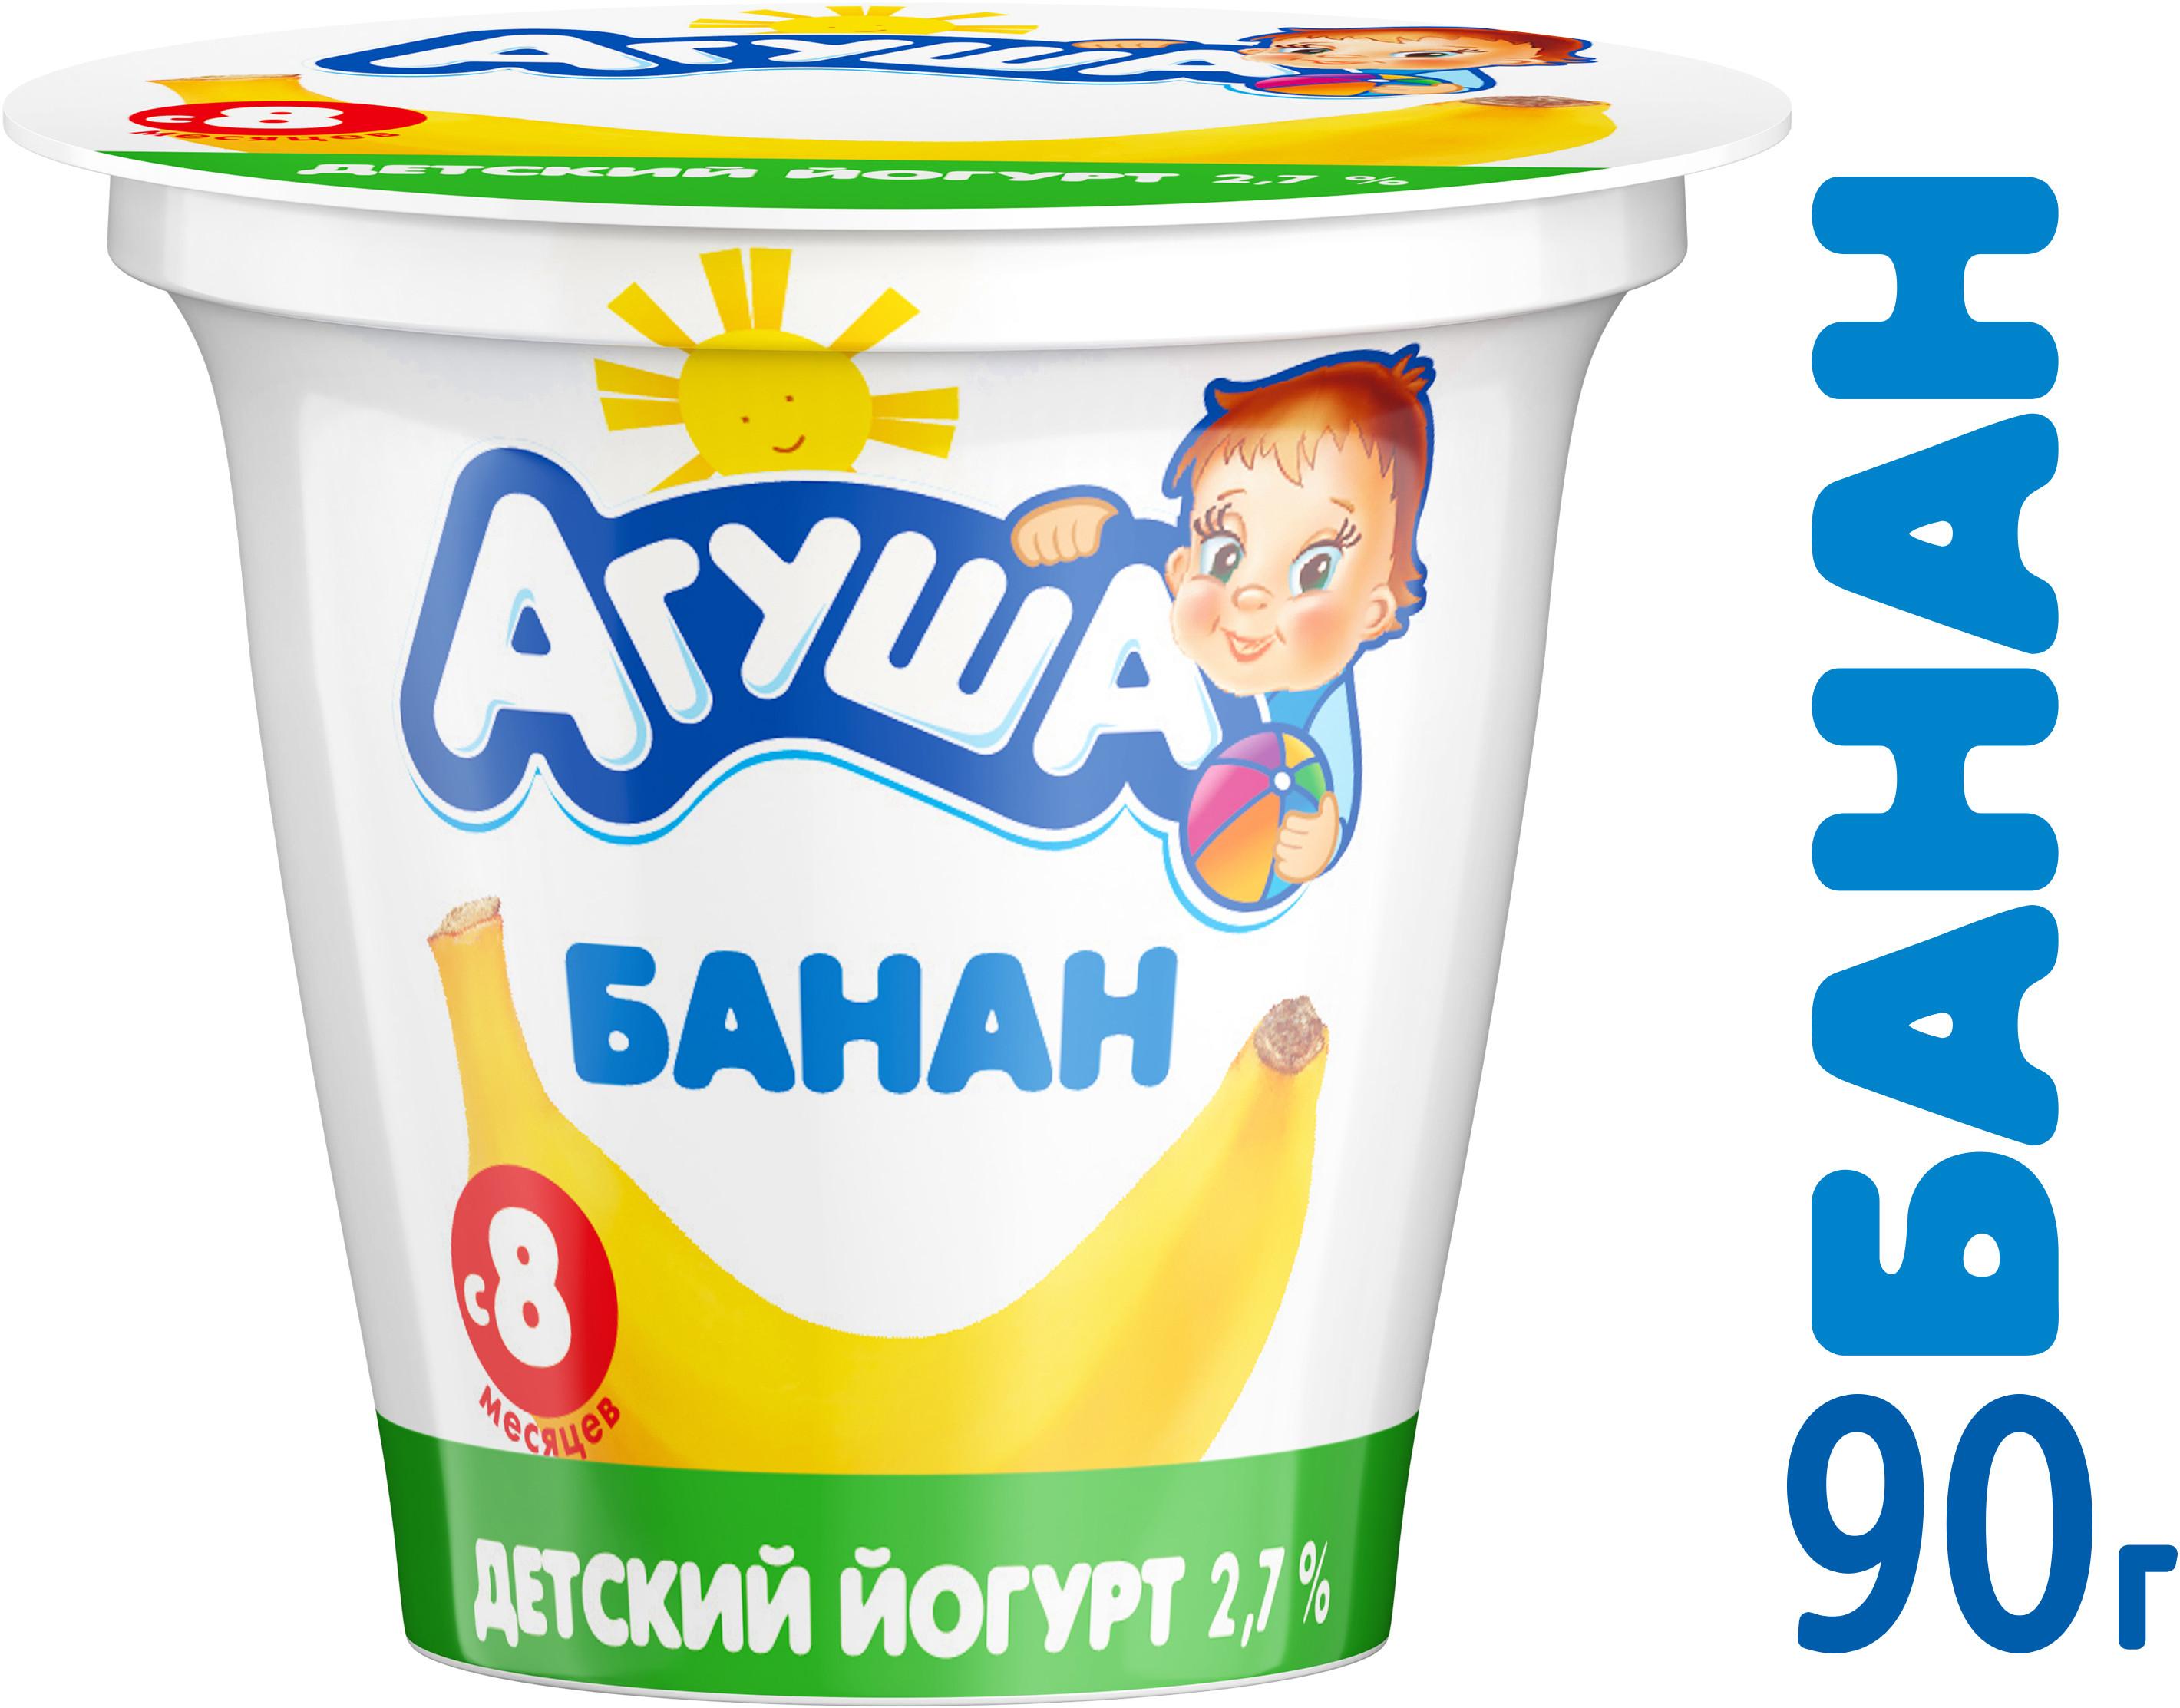 Йогурт Вимм-Билль-Данн Агуша Банан 2,7%, с 8 мес. 90 г йогурт вимм билль данн агуша классический 3 1% с 8 мес 200 г